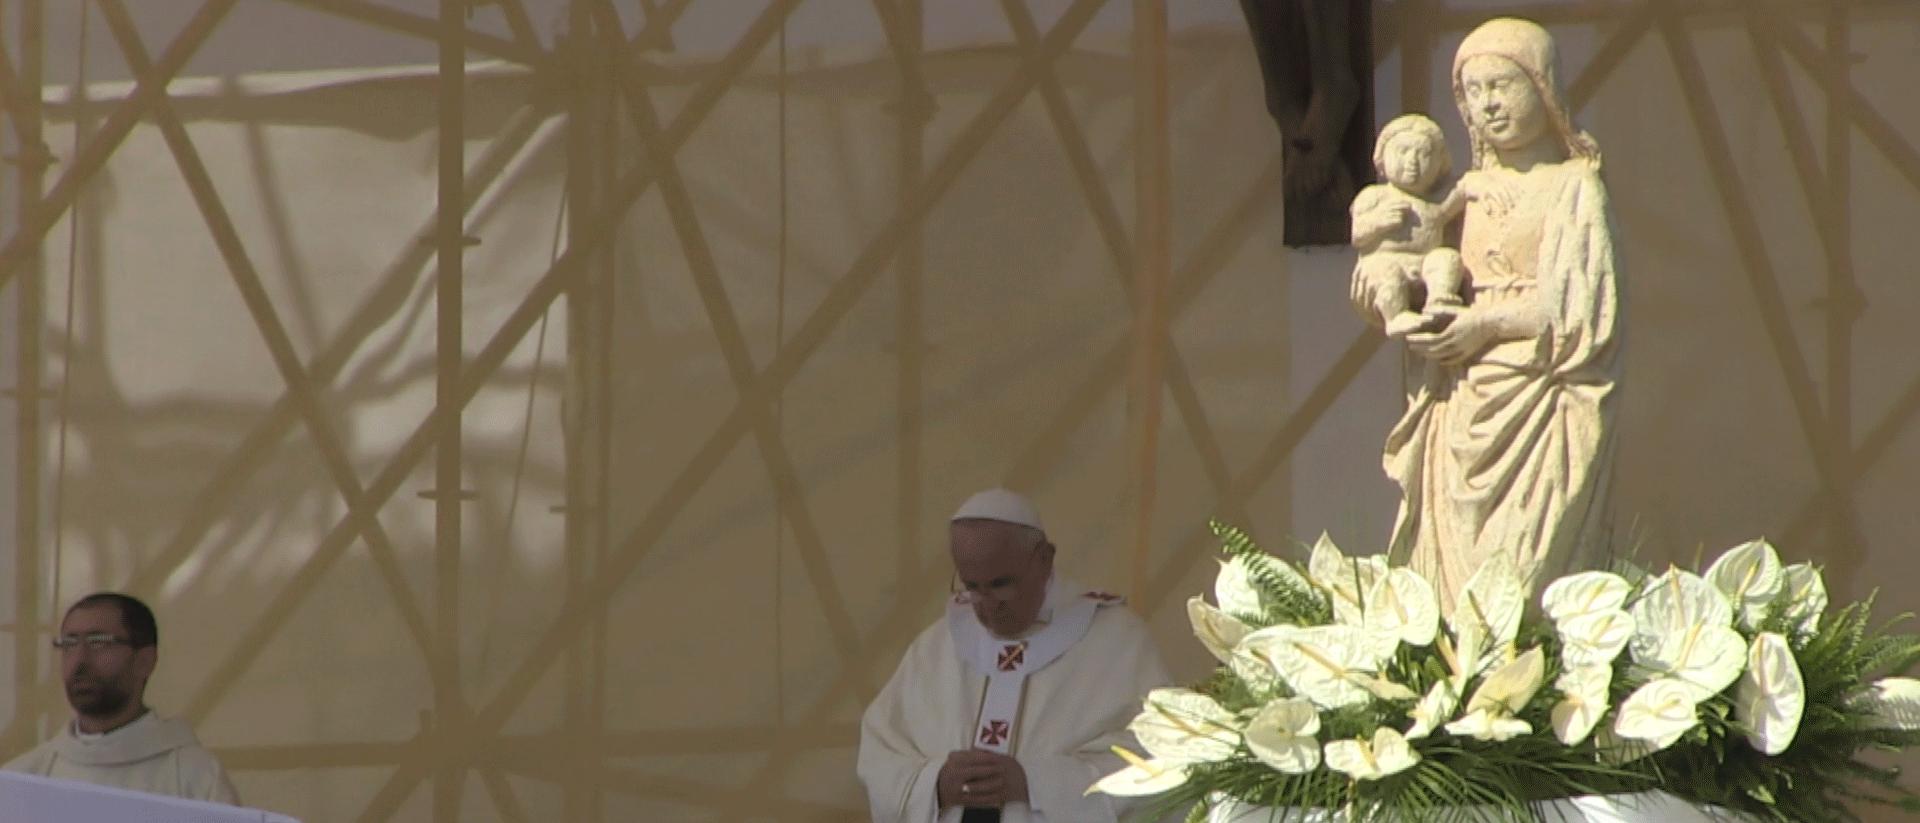 Mini-docu: Hoe de paus het opneemt tegen de maffia